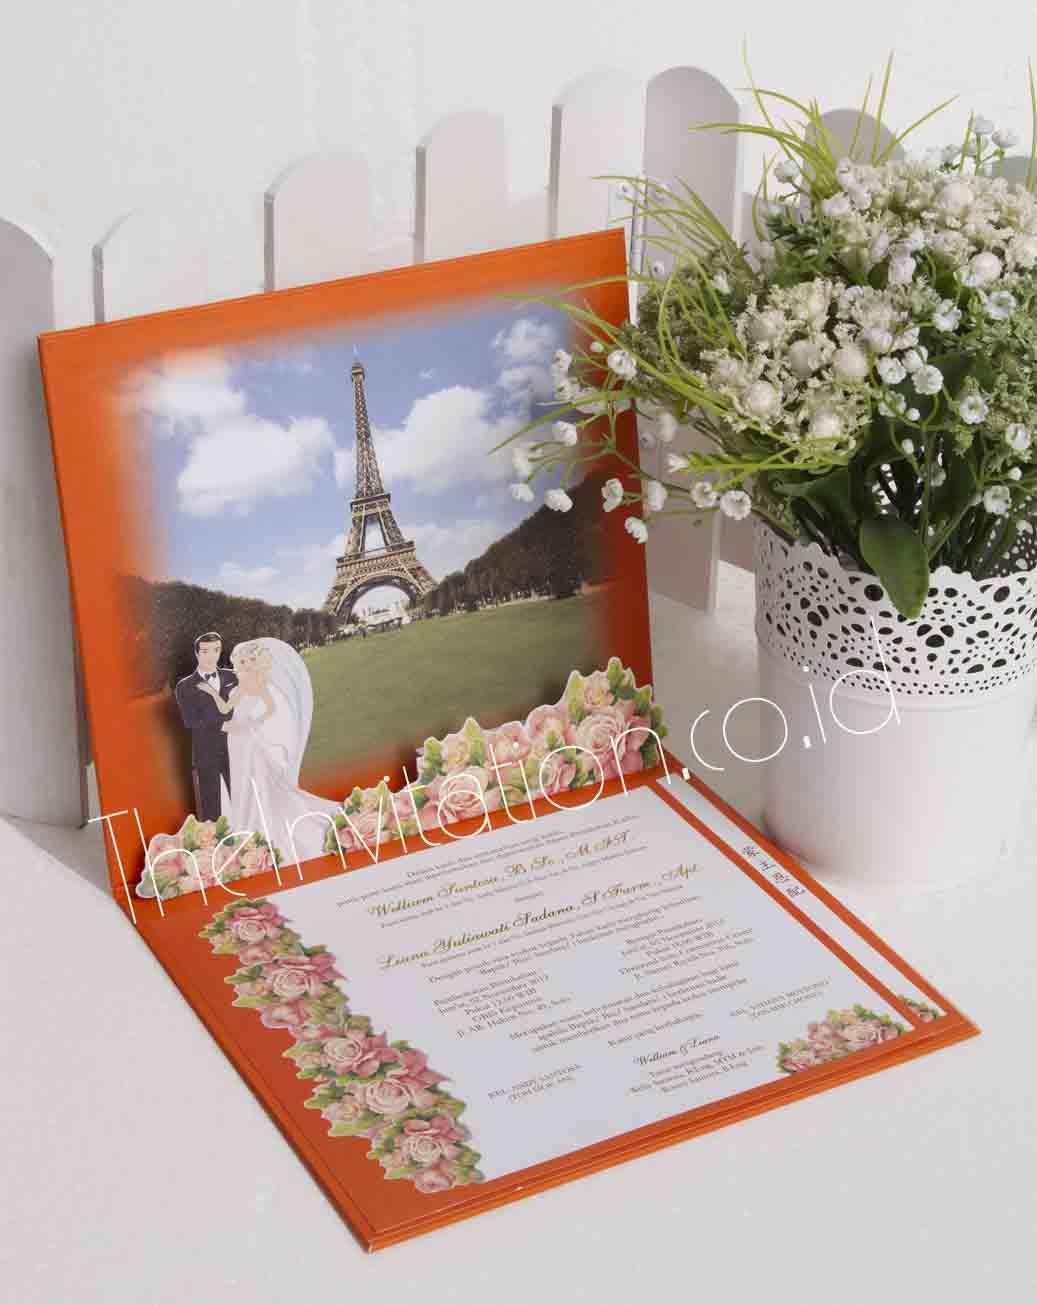 Harga Undangan Pernikahan | Undangan Pernikahan Jogja ...